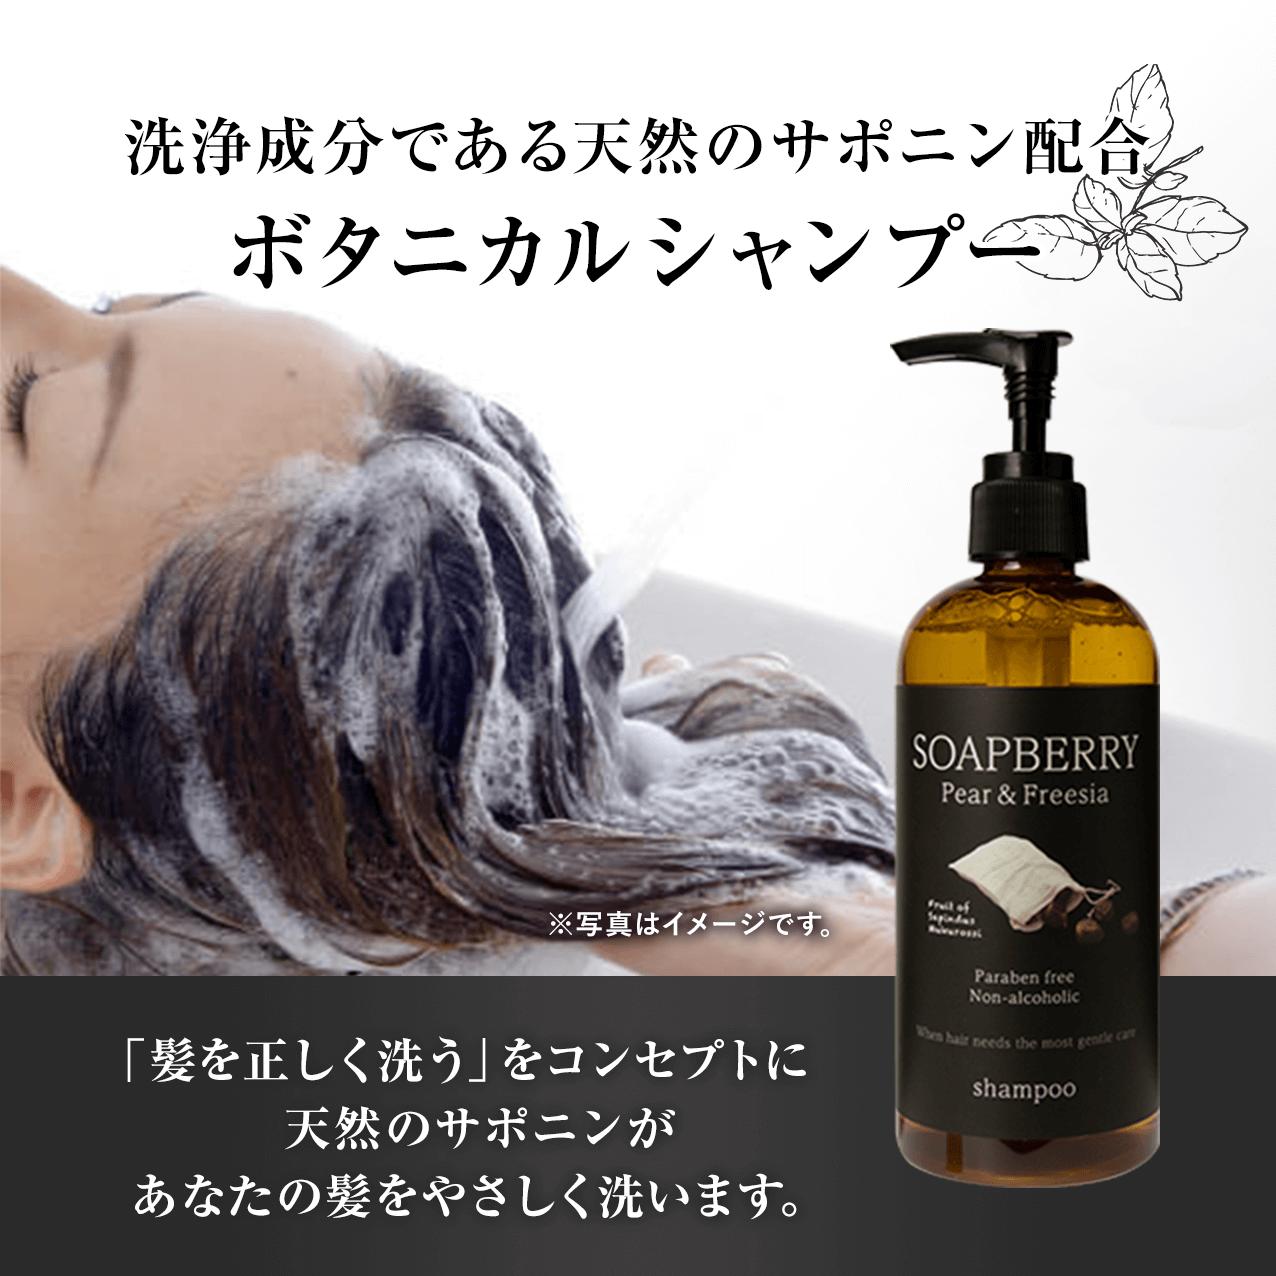 洗浄成分である天然のサポニン配合ボタニカルシャンプー           「髪を正しく洗う」をコンセプトに天然のサポニンがあなたの髪を優しく洗います。